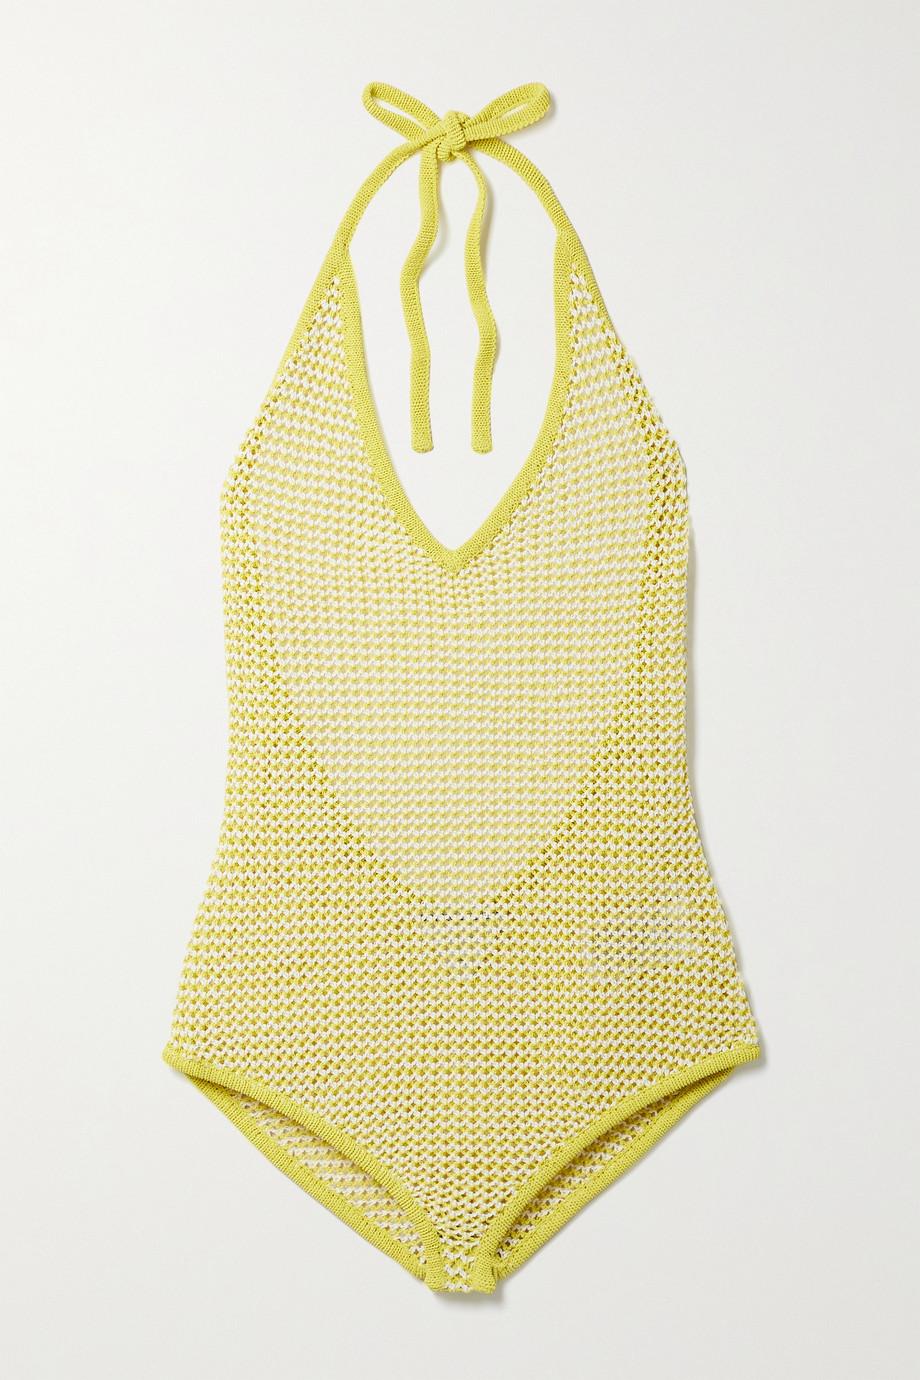 Bottega Veneta Crocheted cotton-blend halterneck bodysuit